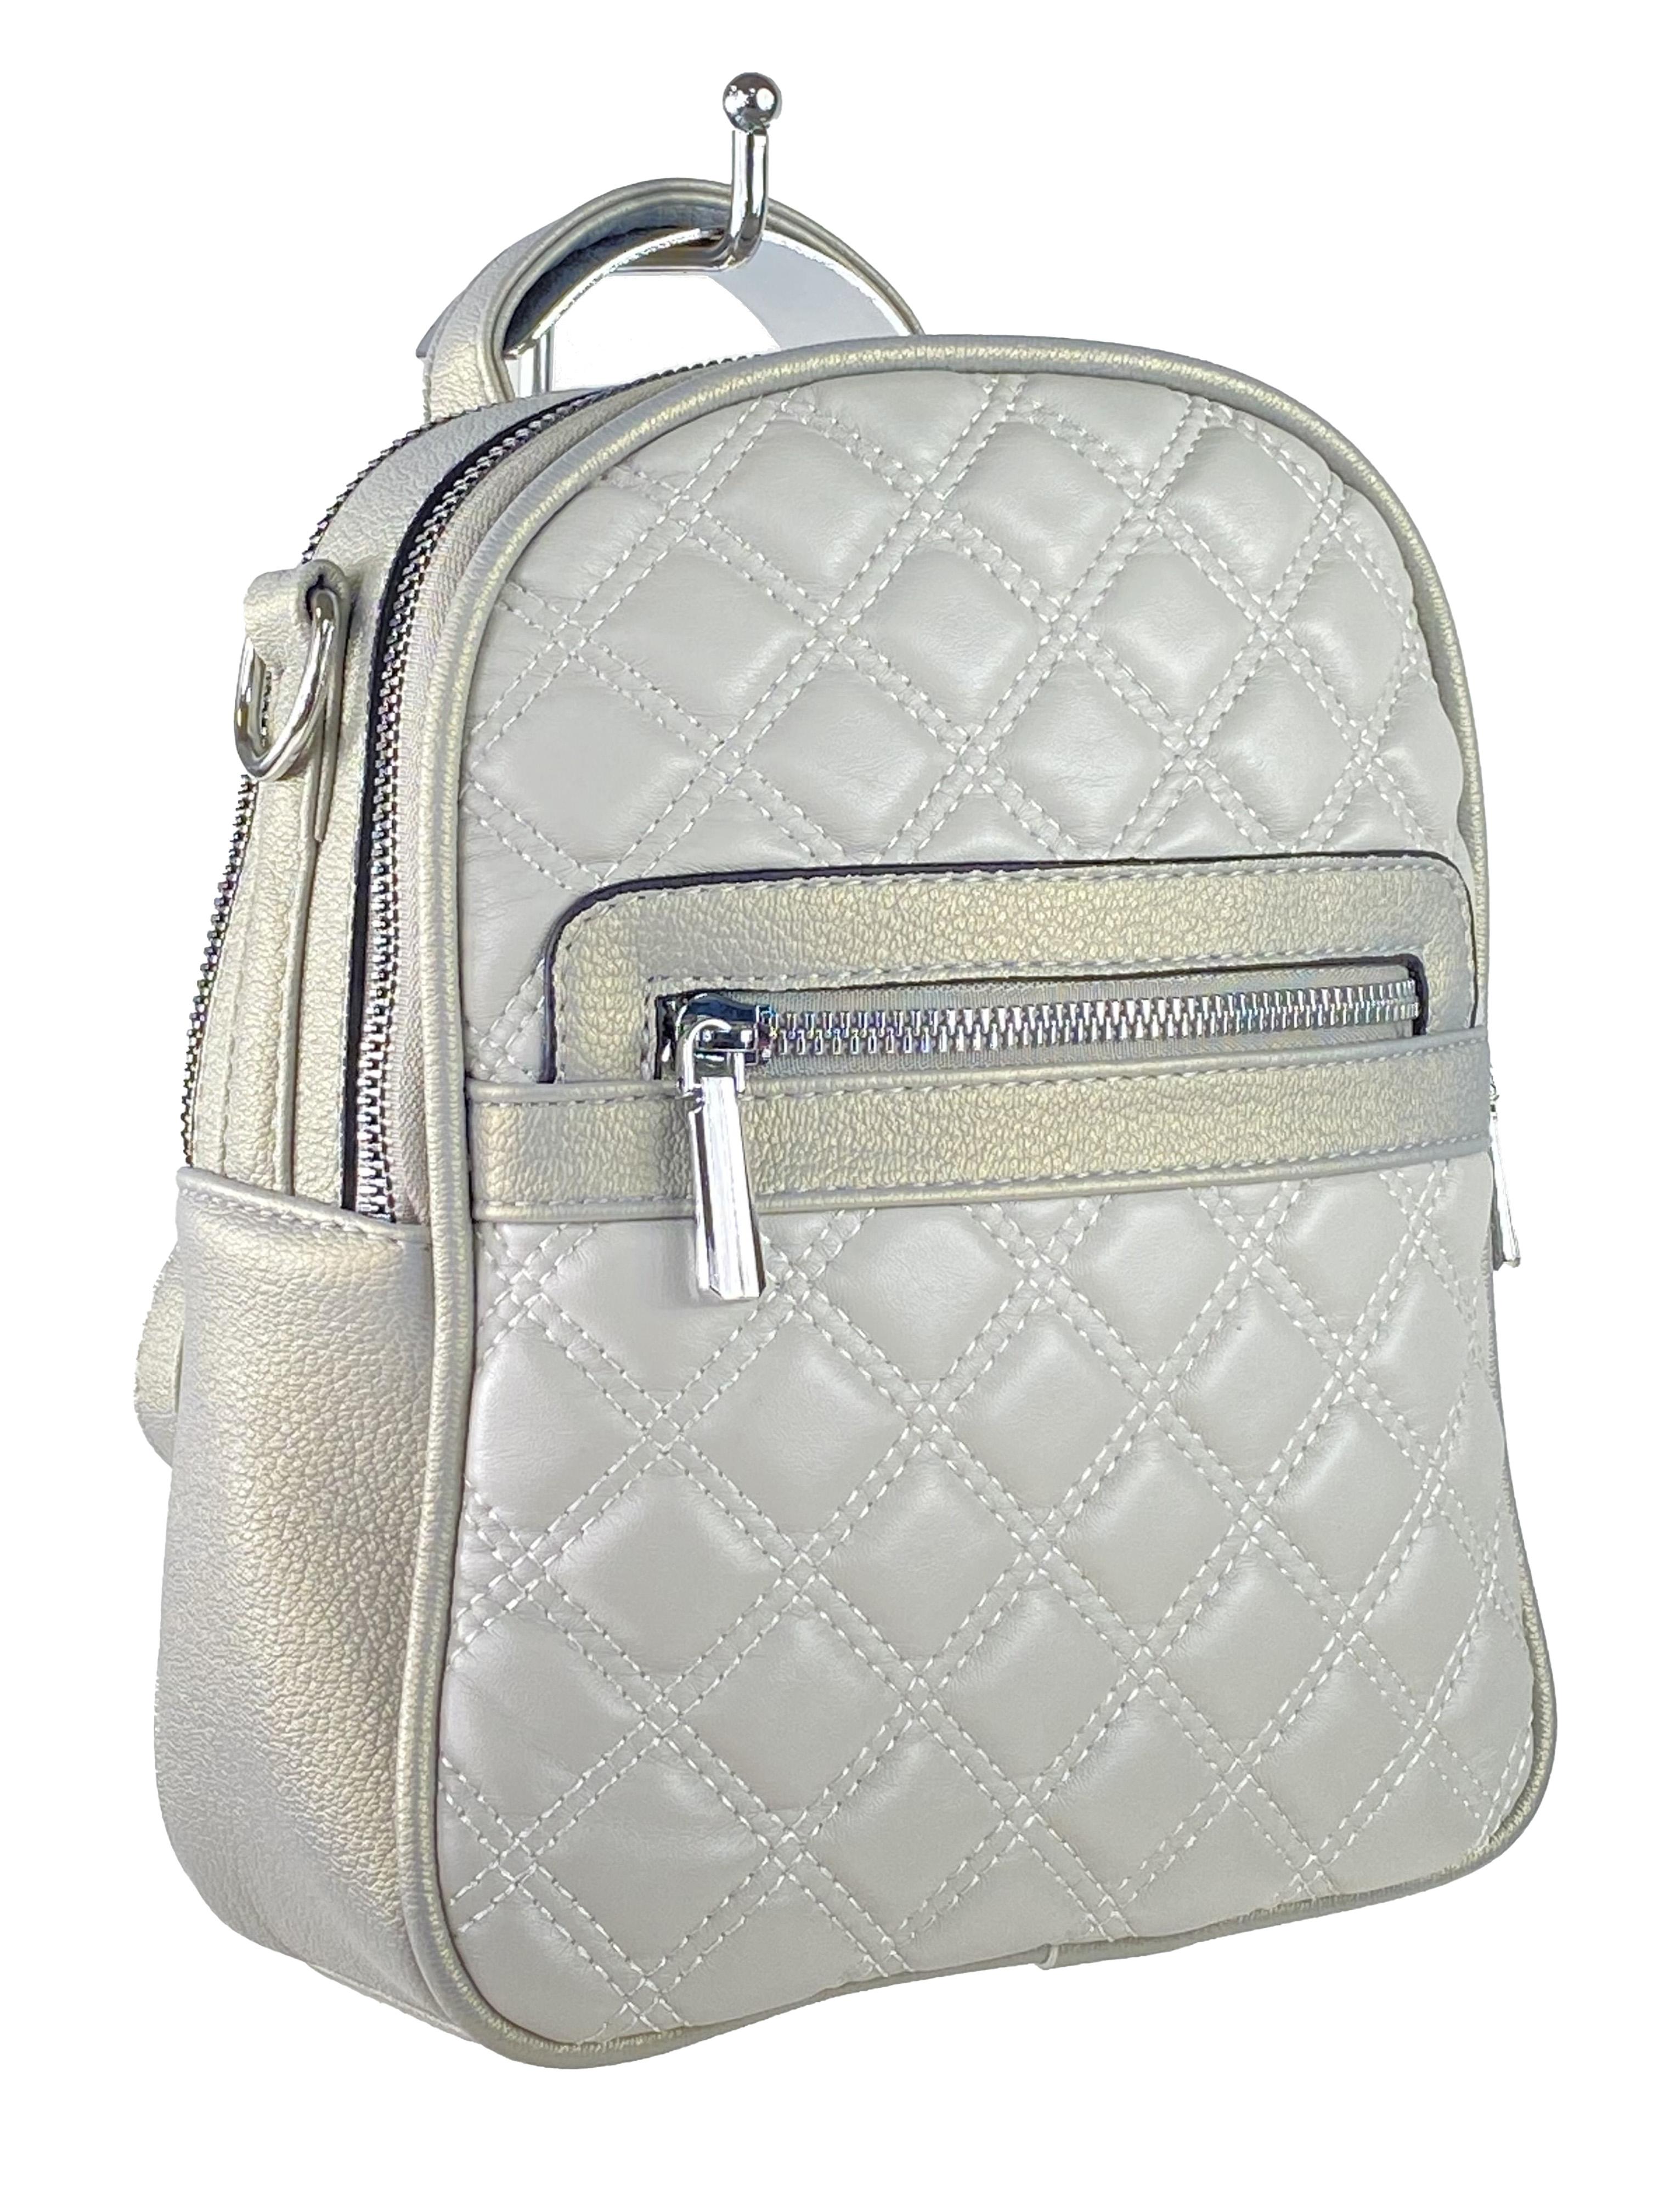 Женская стёганая сумка-рюкзак из искусственной кожи, цвет серебристый